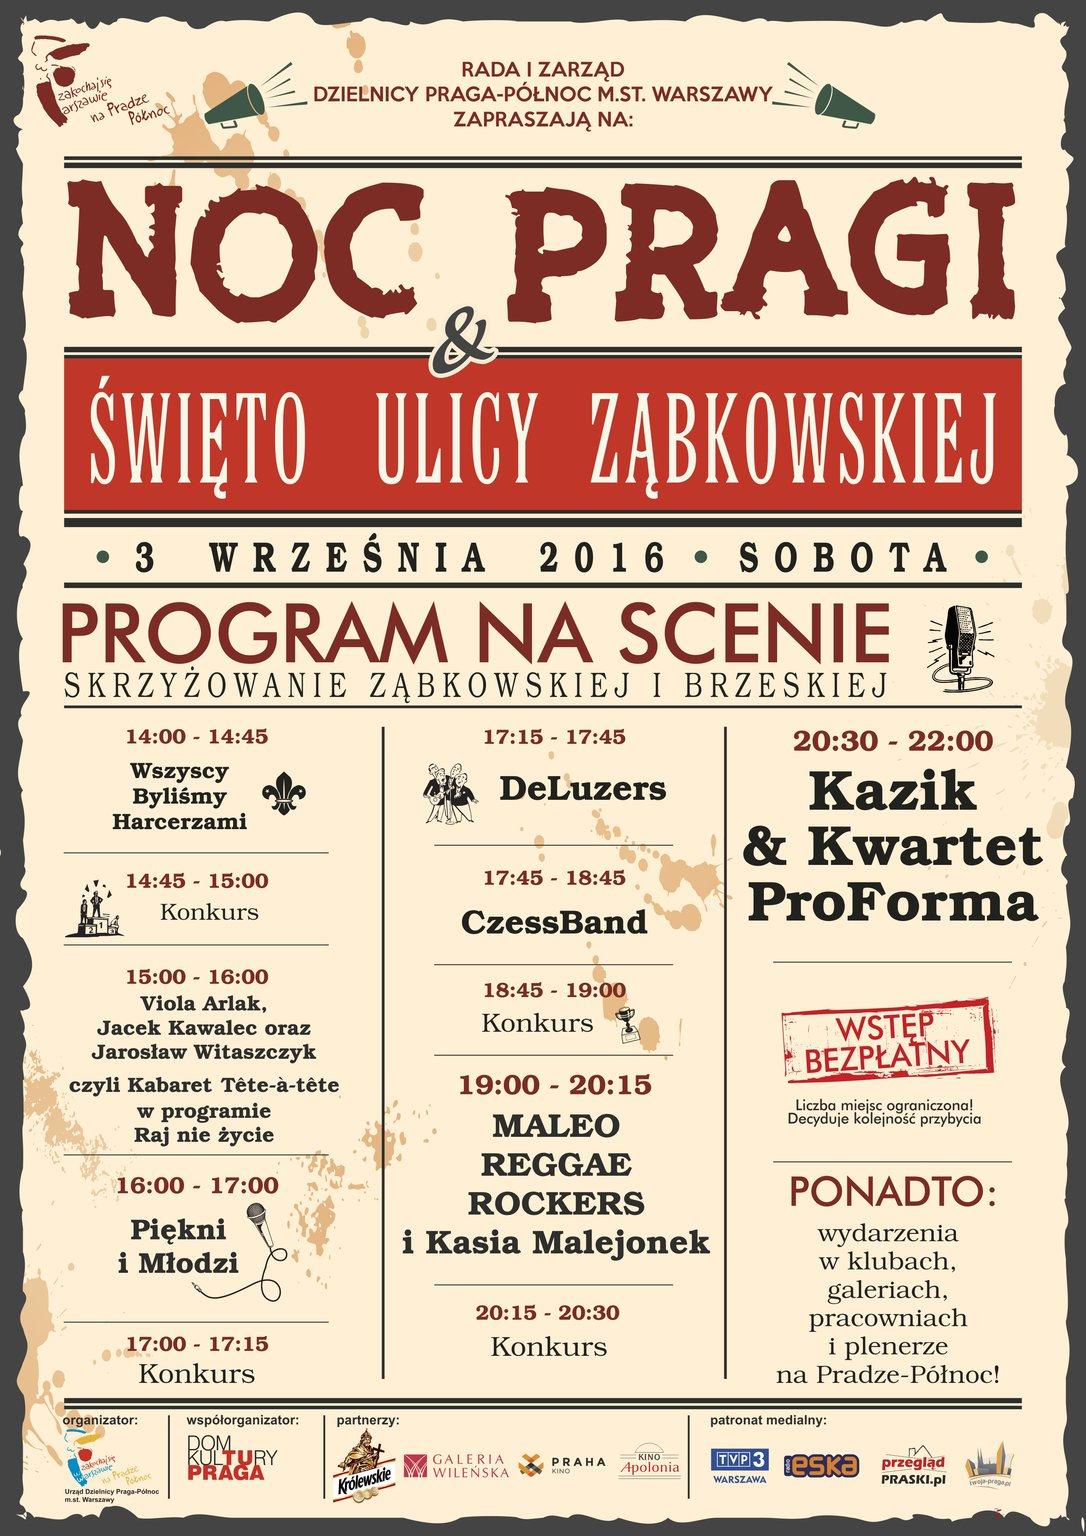 Plakat Nocy Pragi iŚwięta ulicy Ząbkowskiej 2016